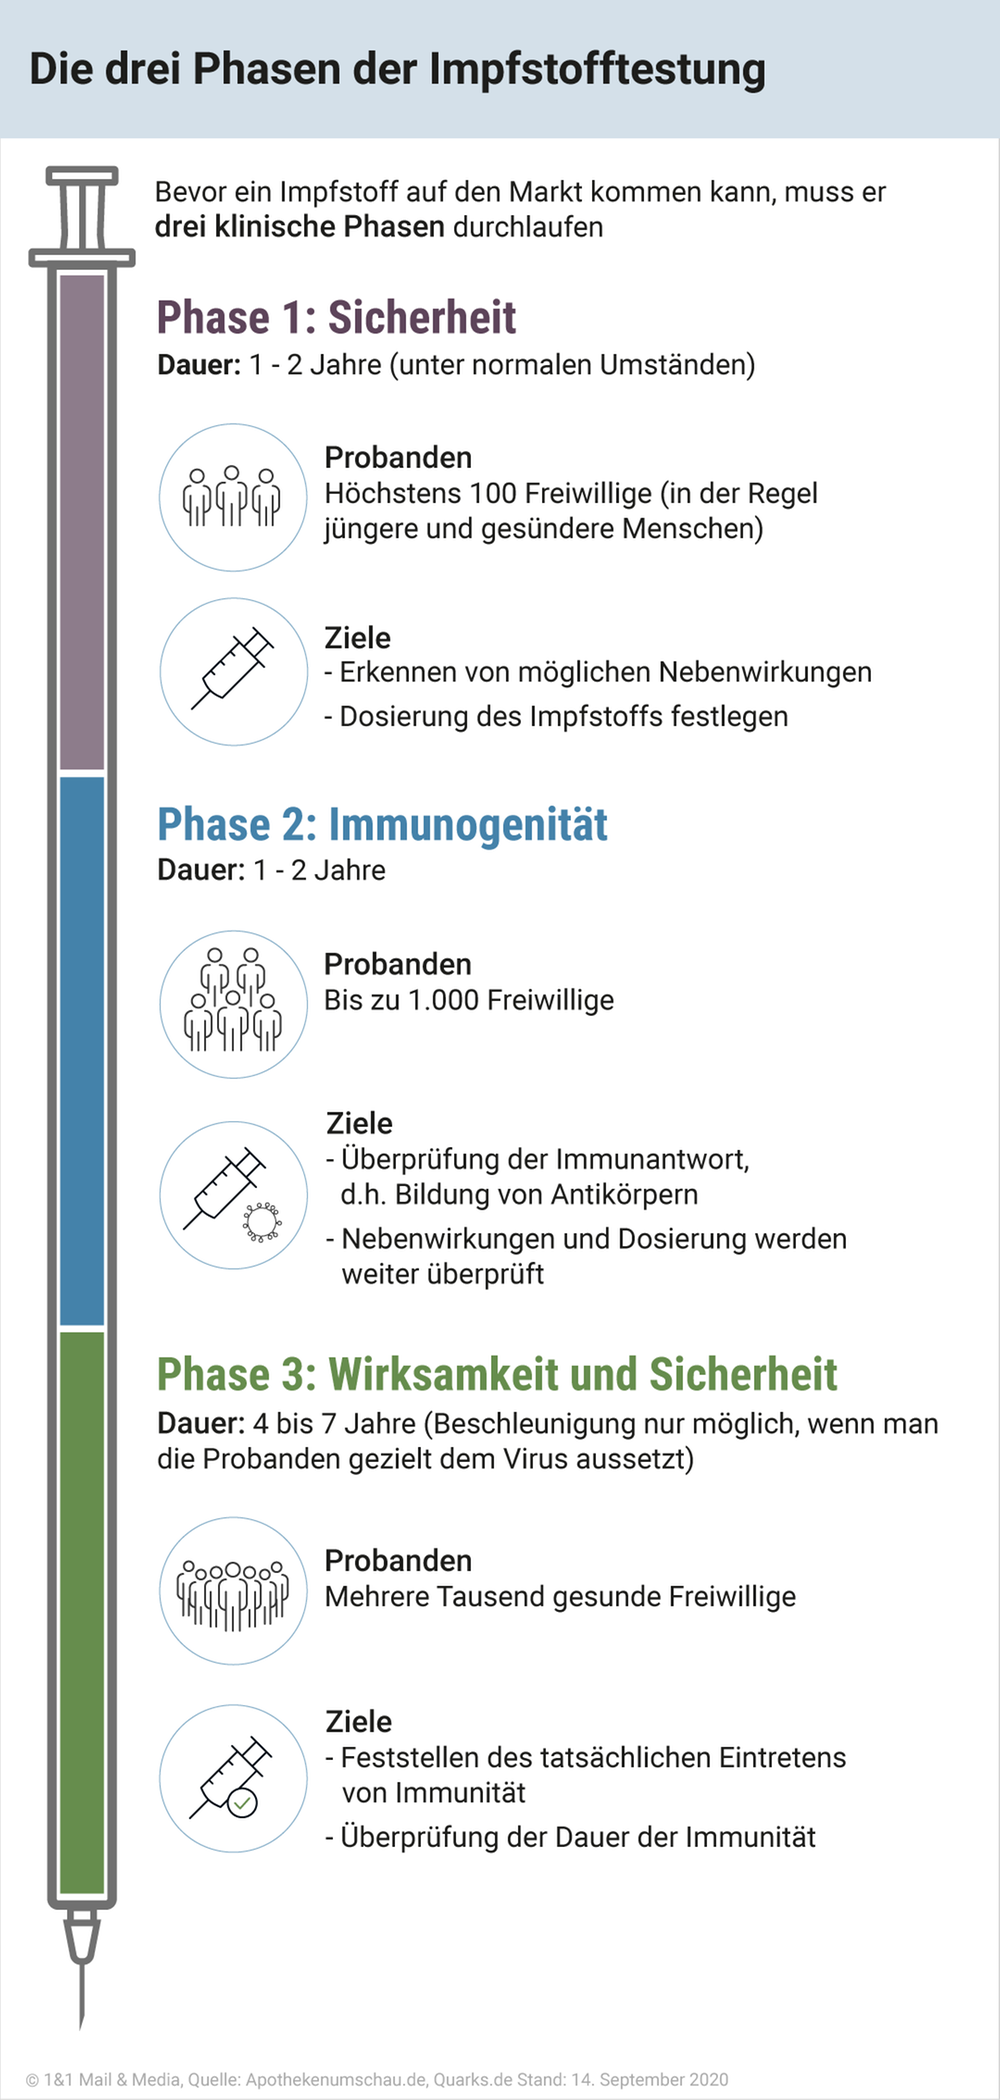 Die drei Phasen der Impfstofftestung.